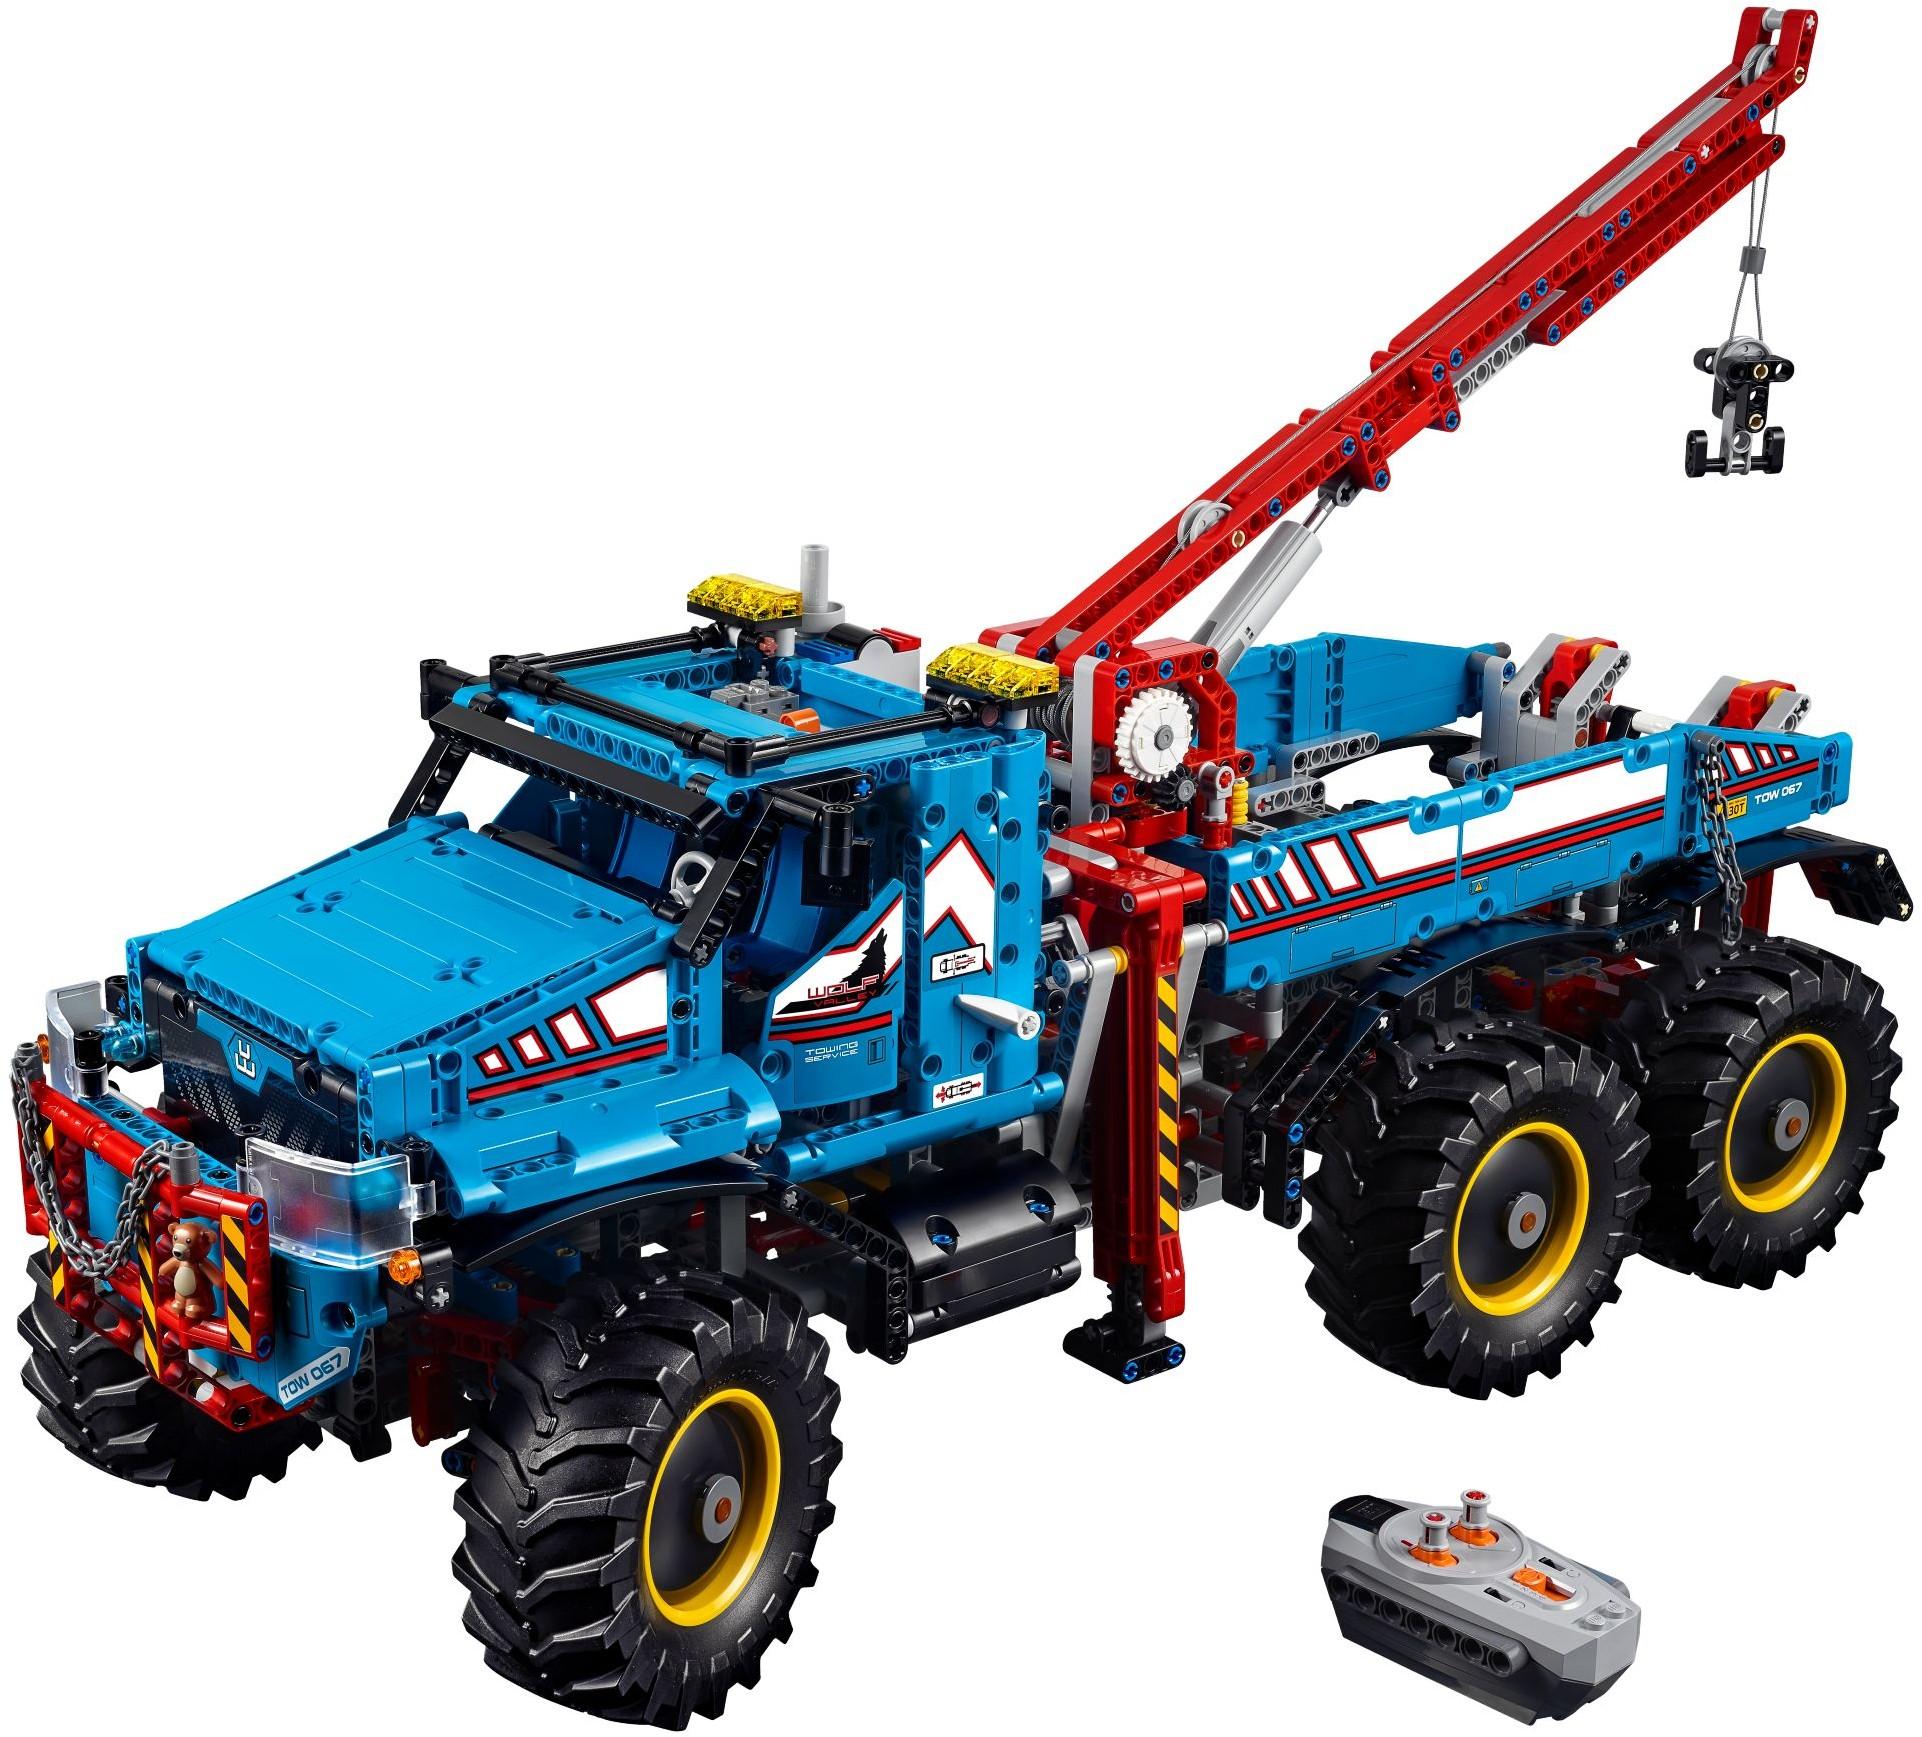 [LEGO] Toy Fair 2017: La séléction du Brick District ! 42070-1